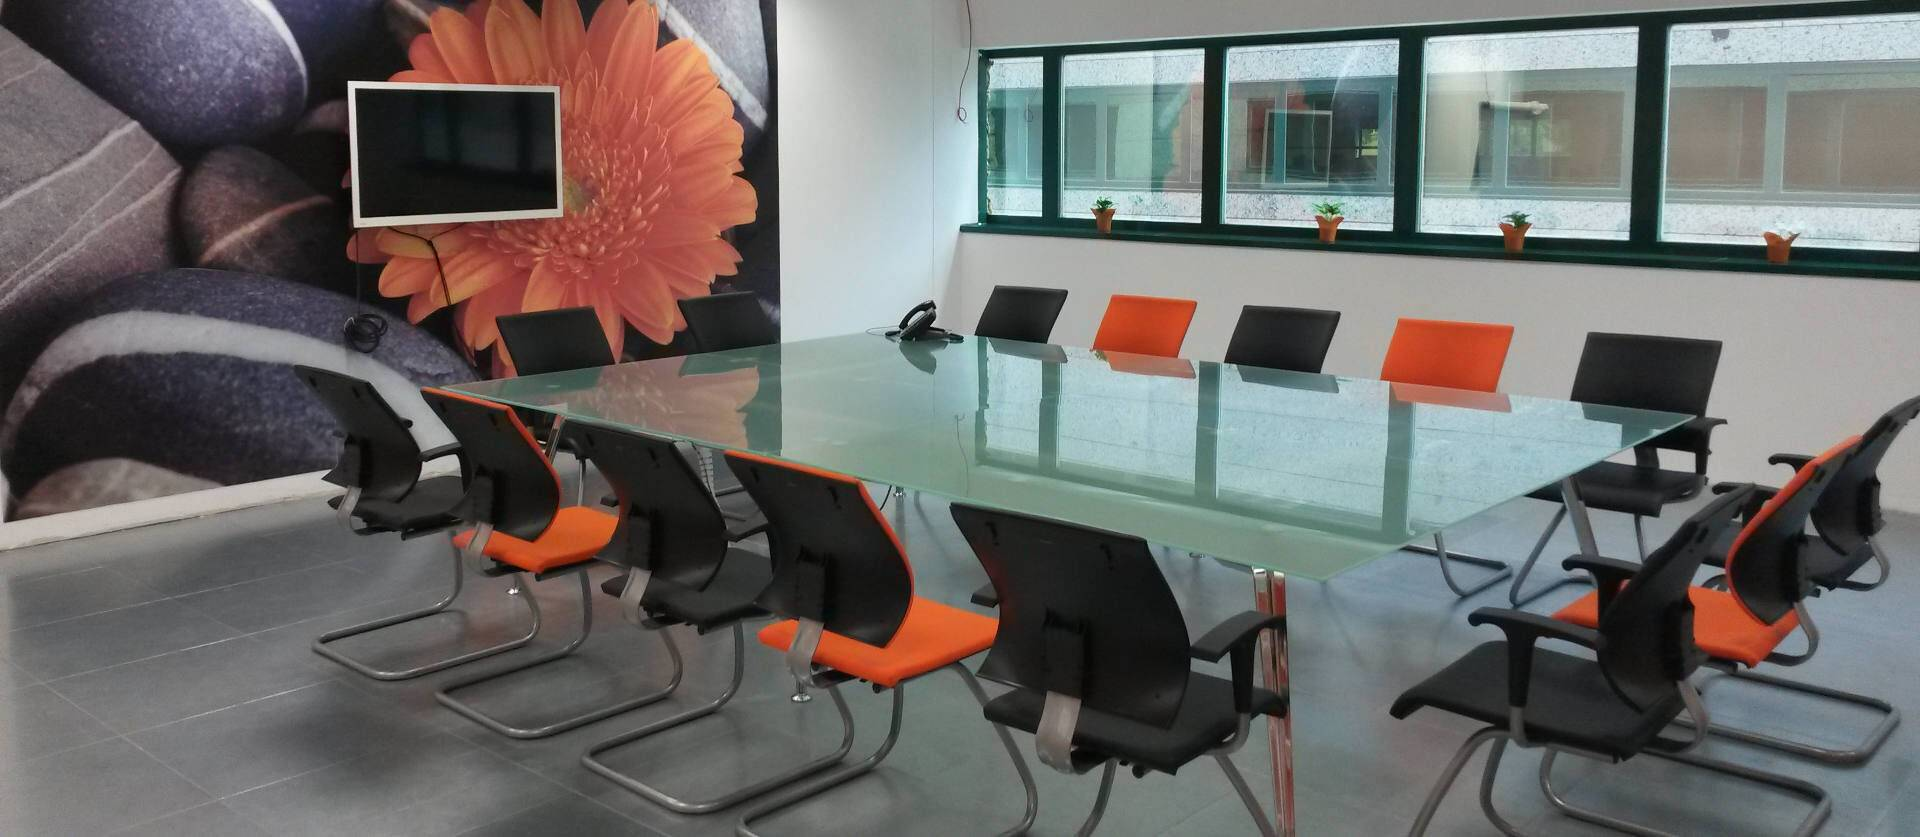 20140805 163503 - Help4U Business Centre and Coworking in San Sebastián de los Reyes